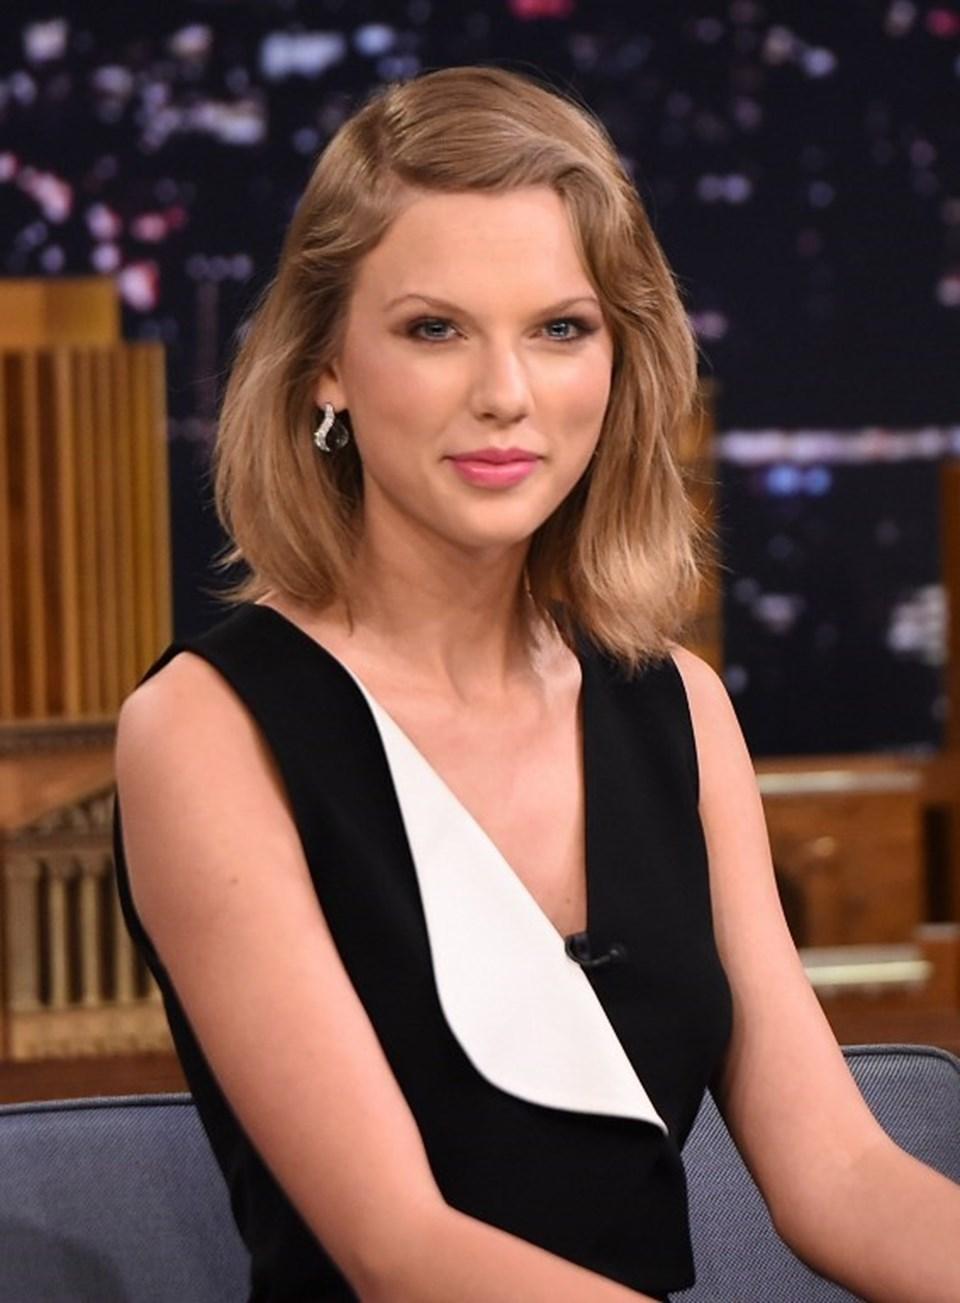 Swift'in bu yatırımı uzun vadede sorun yaşamamak adına yaptığı tahmin ediliyor.